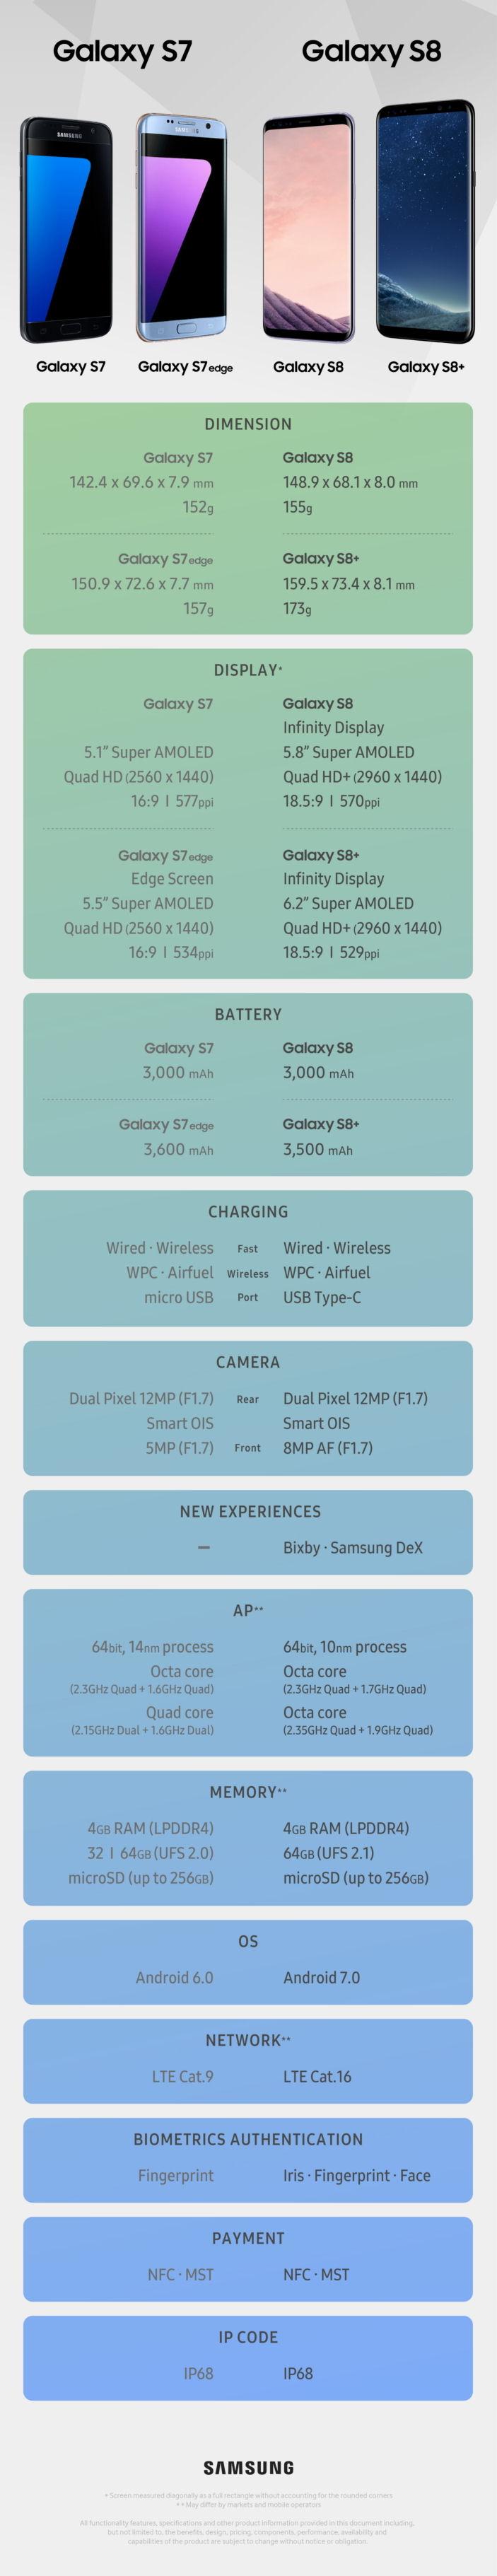 Galaxy S8 spec list